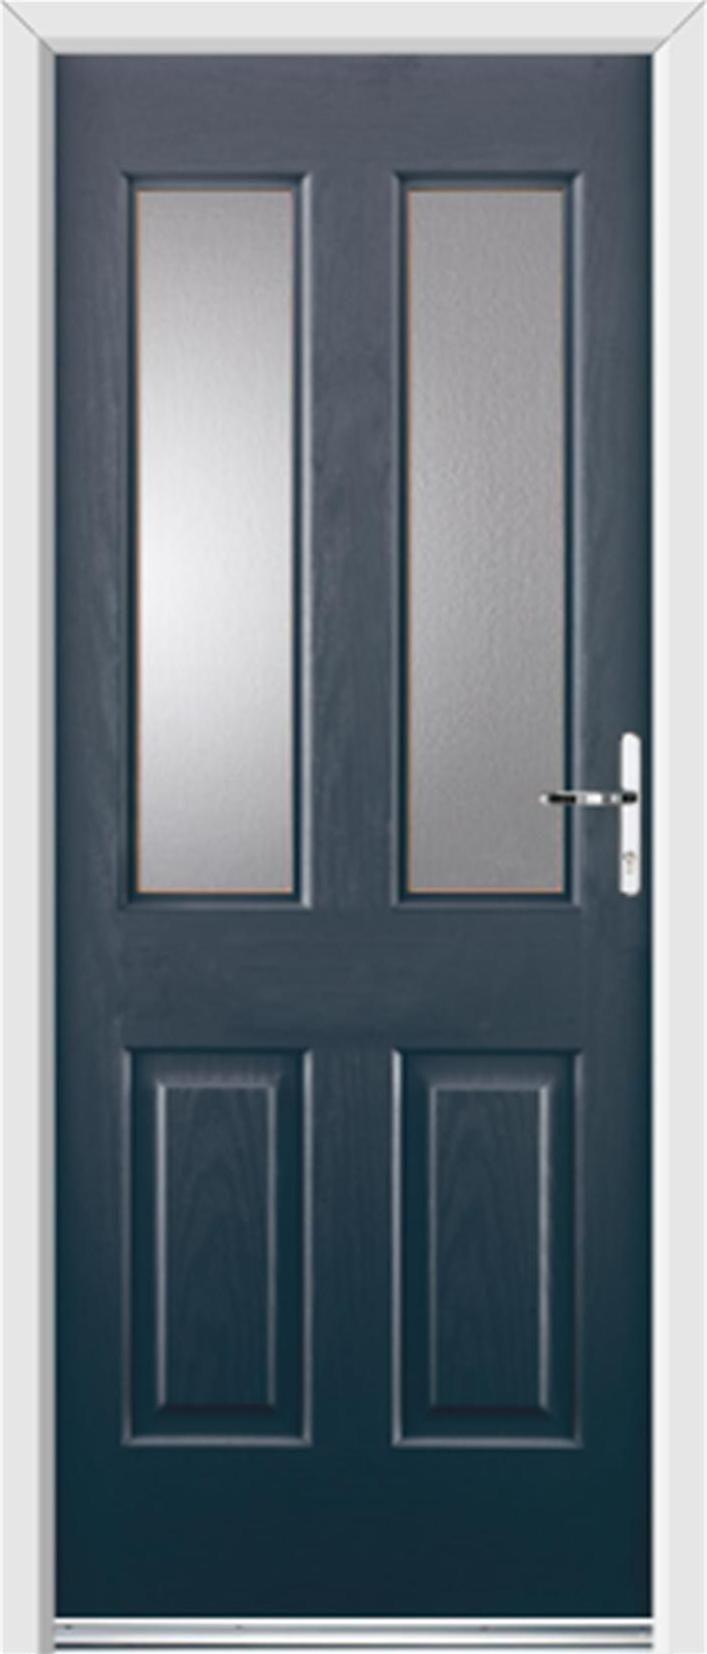 Trocal 76 entry door tiltturnwindows ca - Grey Upvc Front Doors